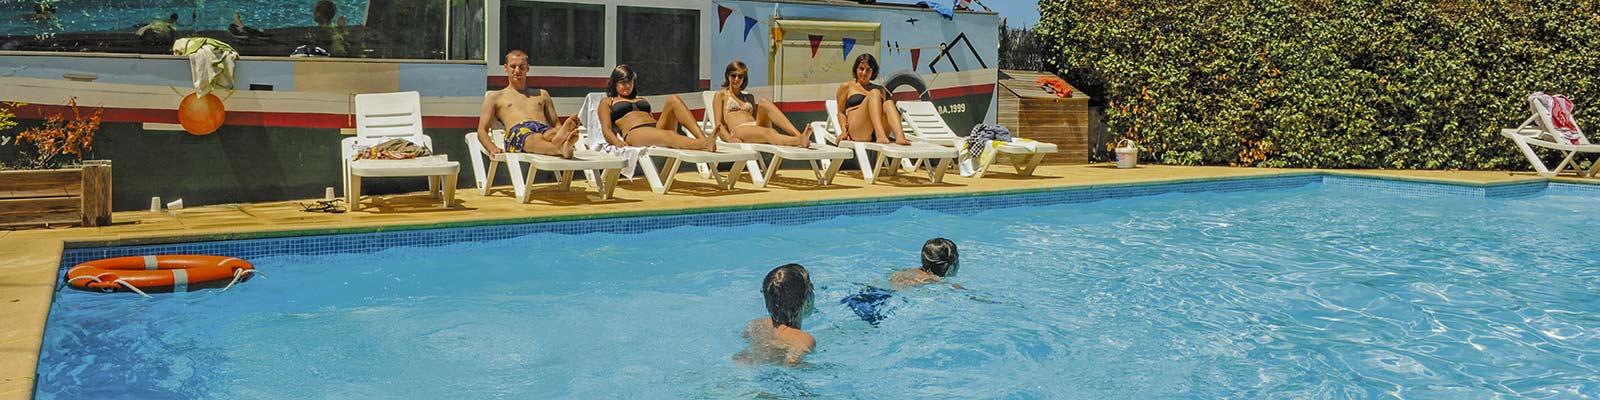 Camping avec piscine saint jean de luz cote basque - Camping saint jean de luz avec piscine ...